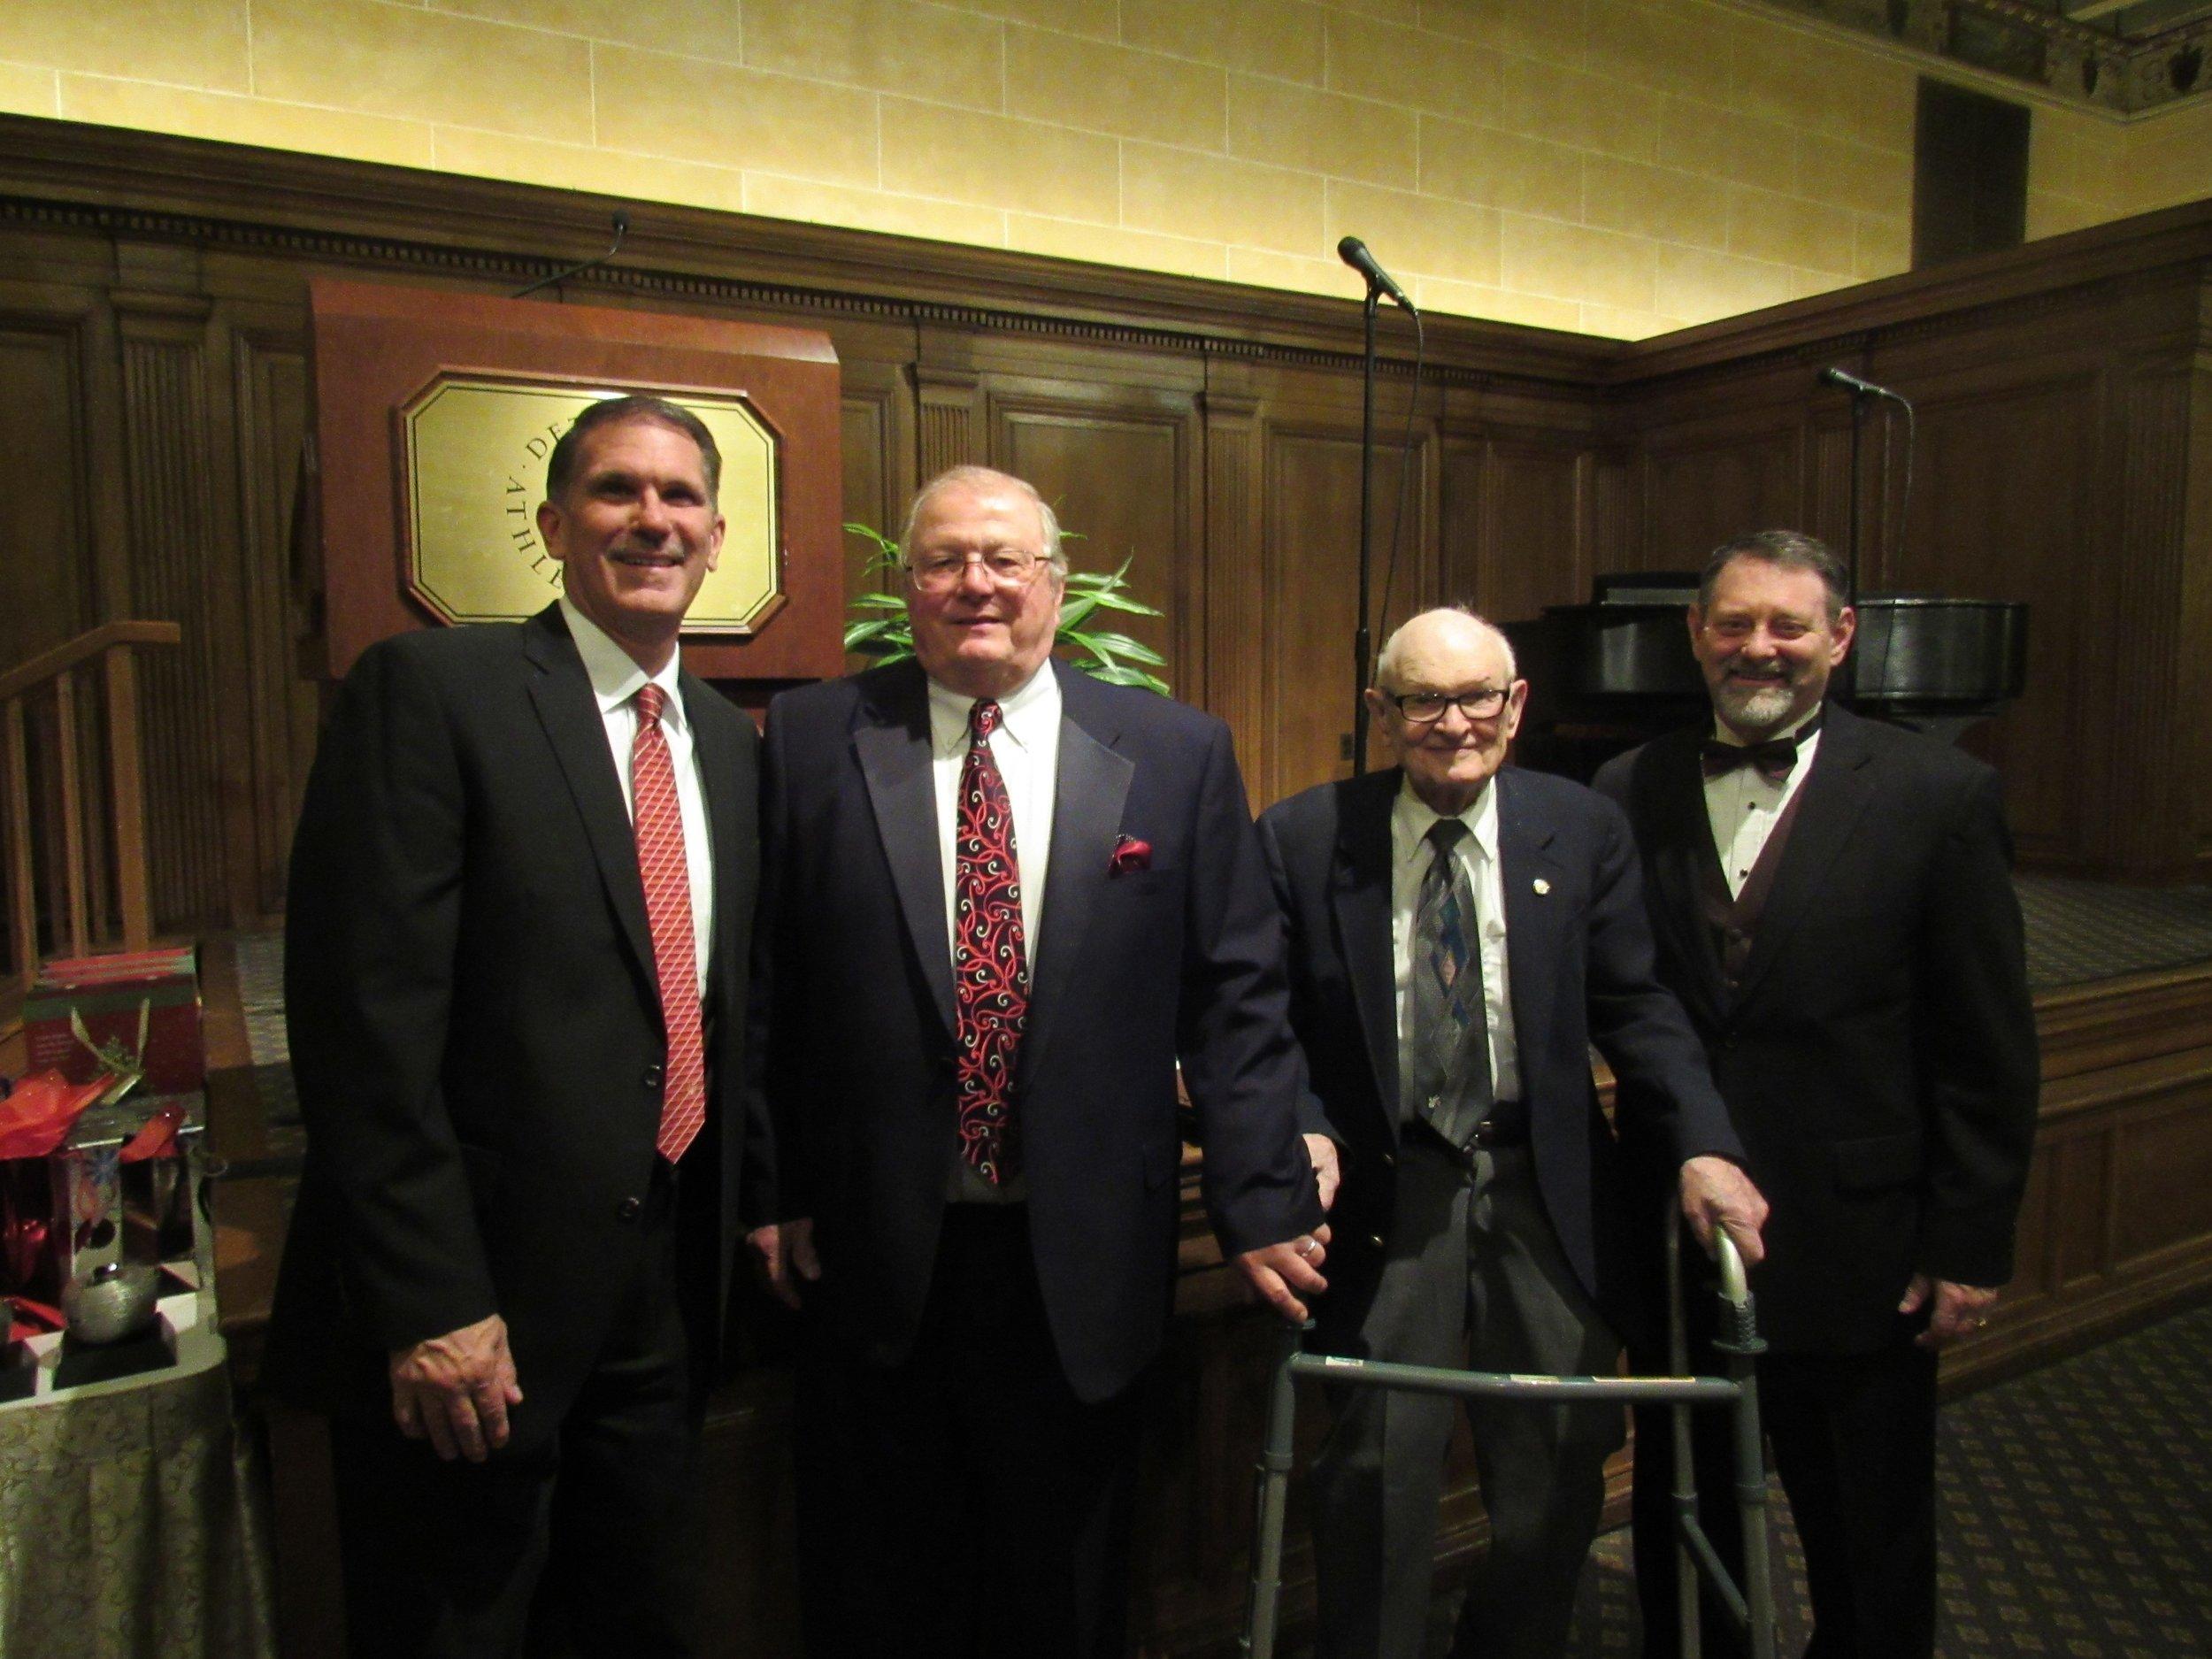 Past and Present LHSA Superintendents (Pictured Left to Right):    Mr. Paul Looker 2019 Rev. Dr. John Herzog 1989-2011 Dr. Herbert Holdenhauer 1975-1989 Mr. Steven Meske 2011-2019